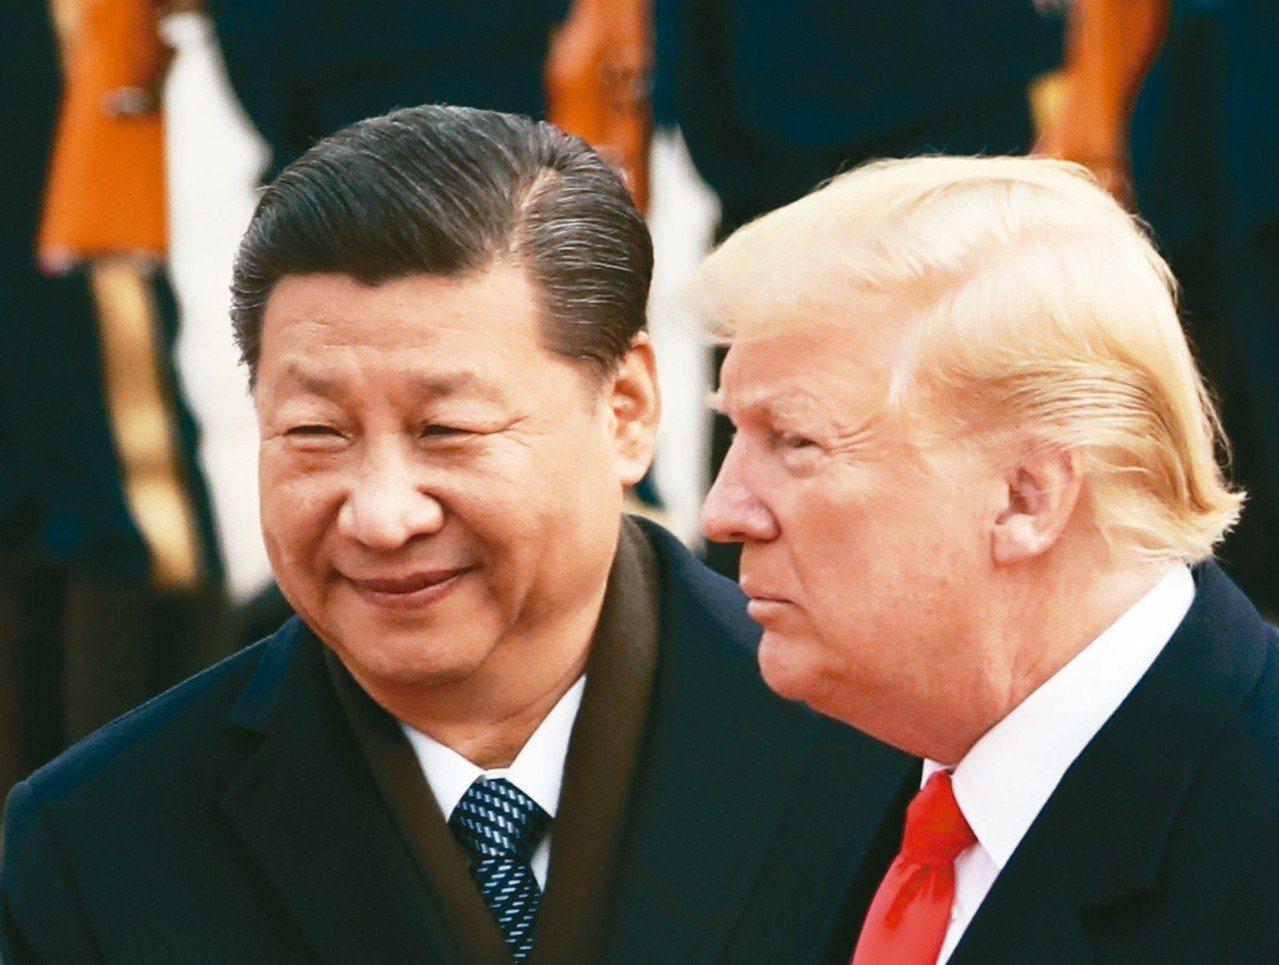 中美貿易戰恐升級,新台幣兌美元匯率一度貶至30.94元,創今年以來新低。 美聯社